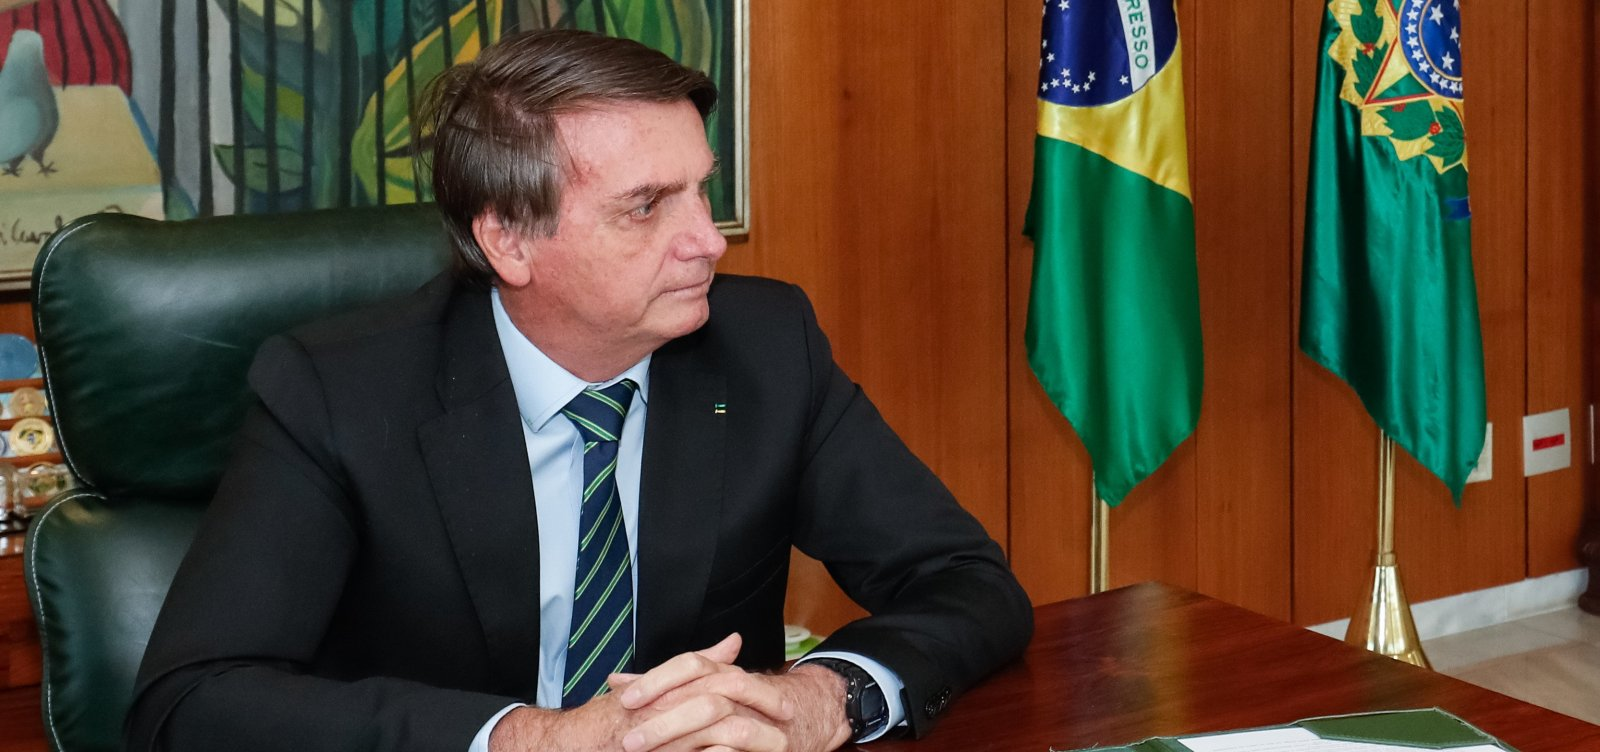 [Bolsonaro veta projeto que previa prioridade a mulher chefe de família no pagamento do auxílio emergencial]